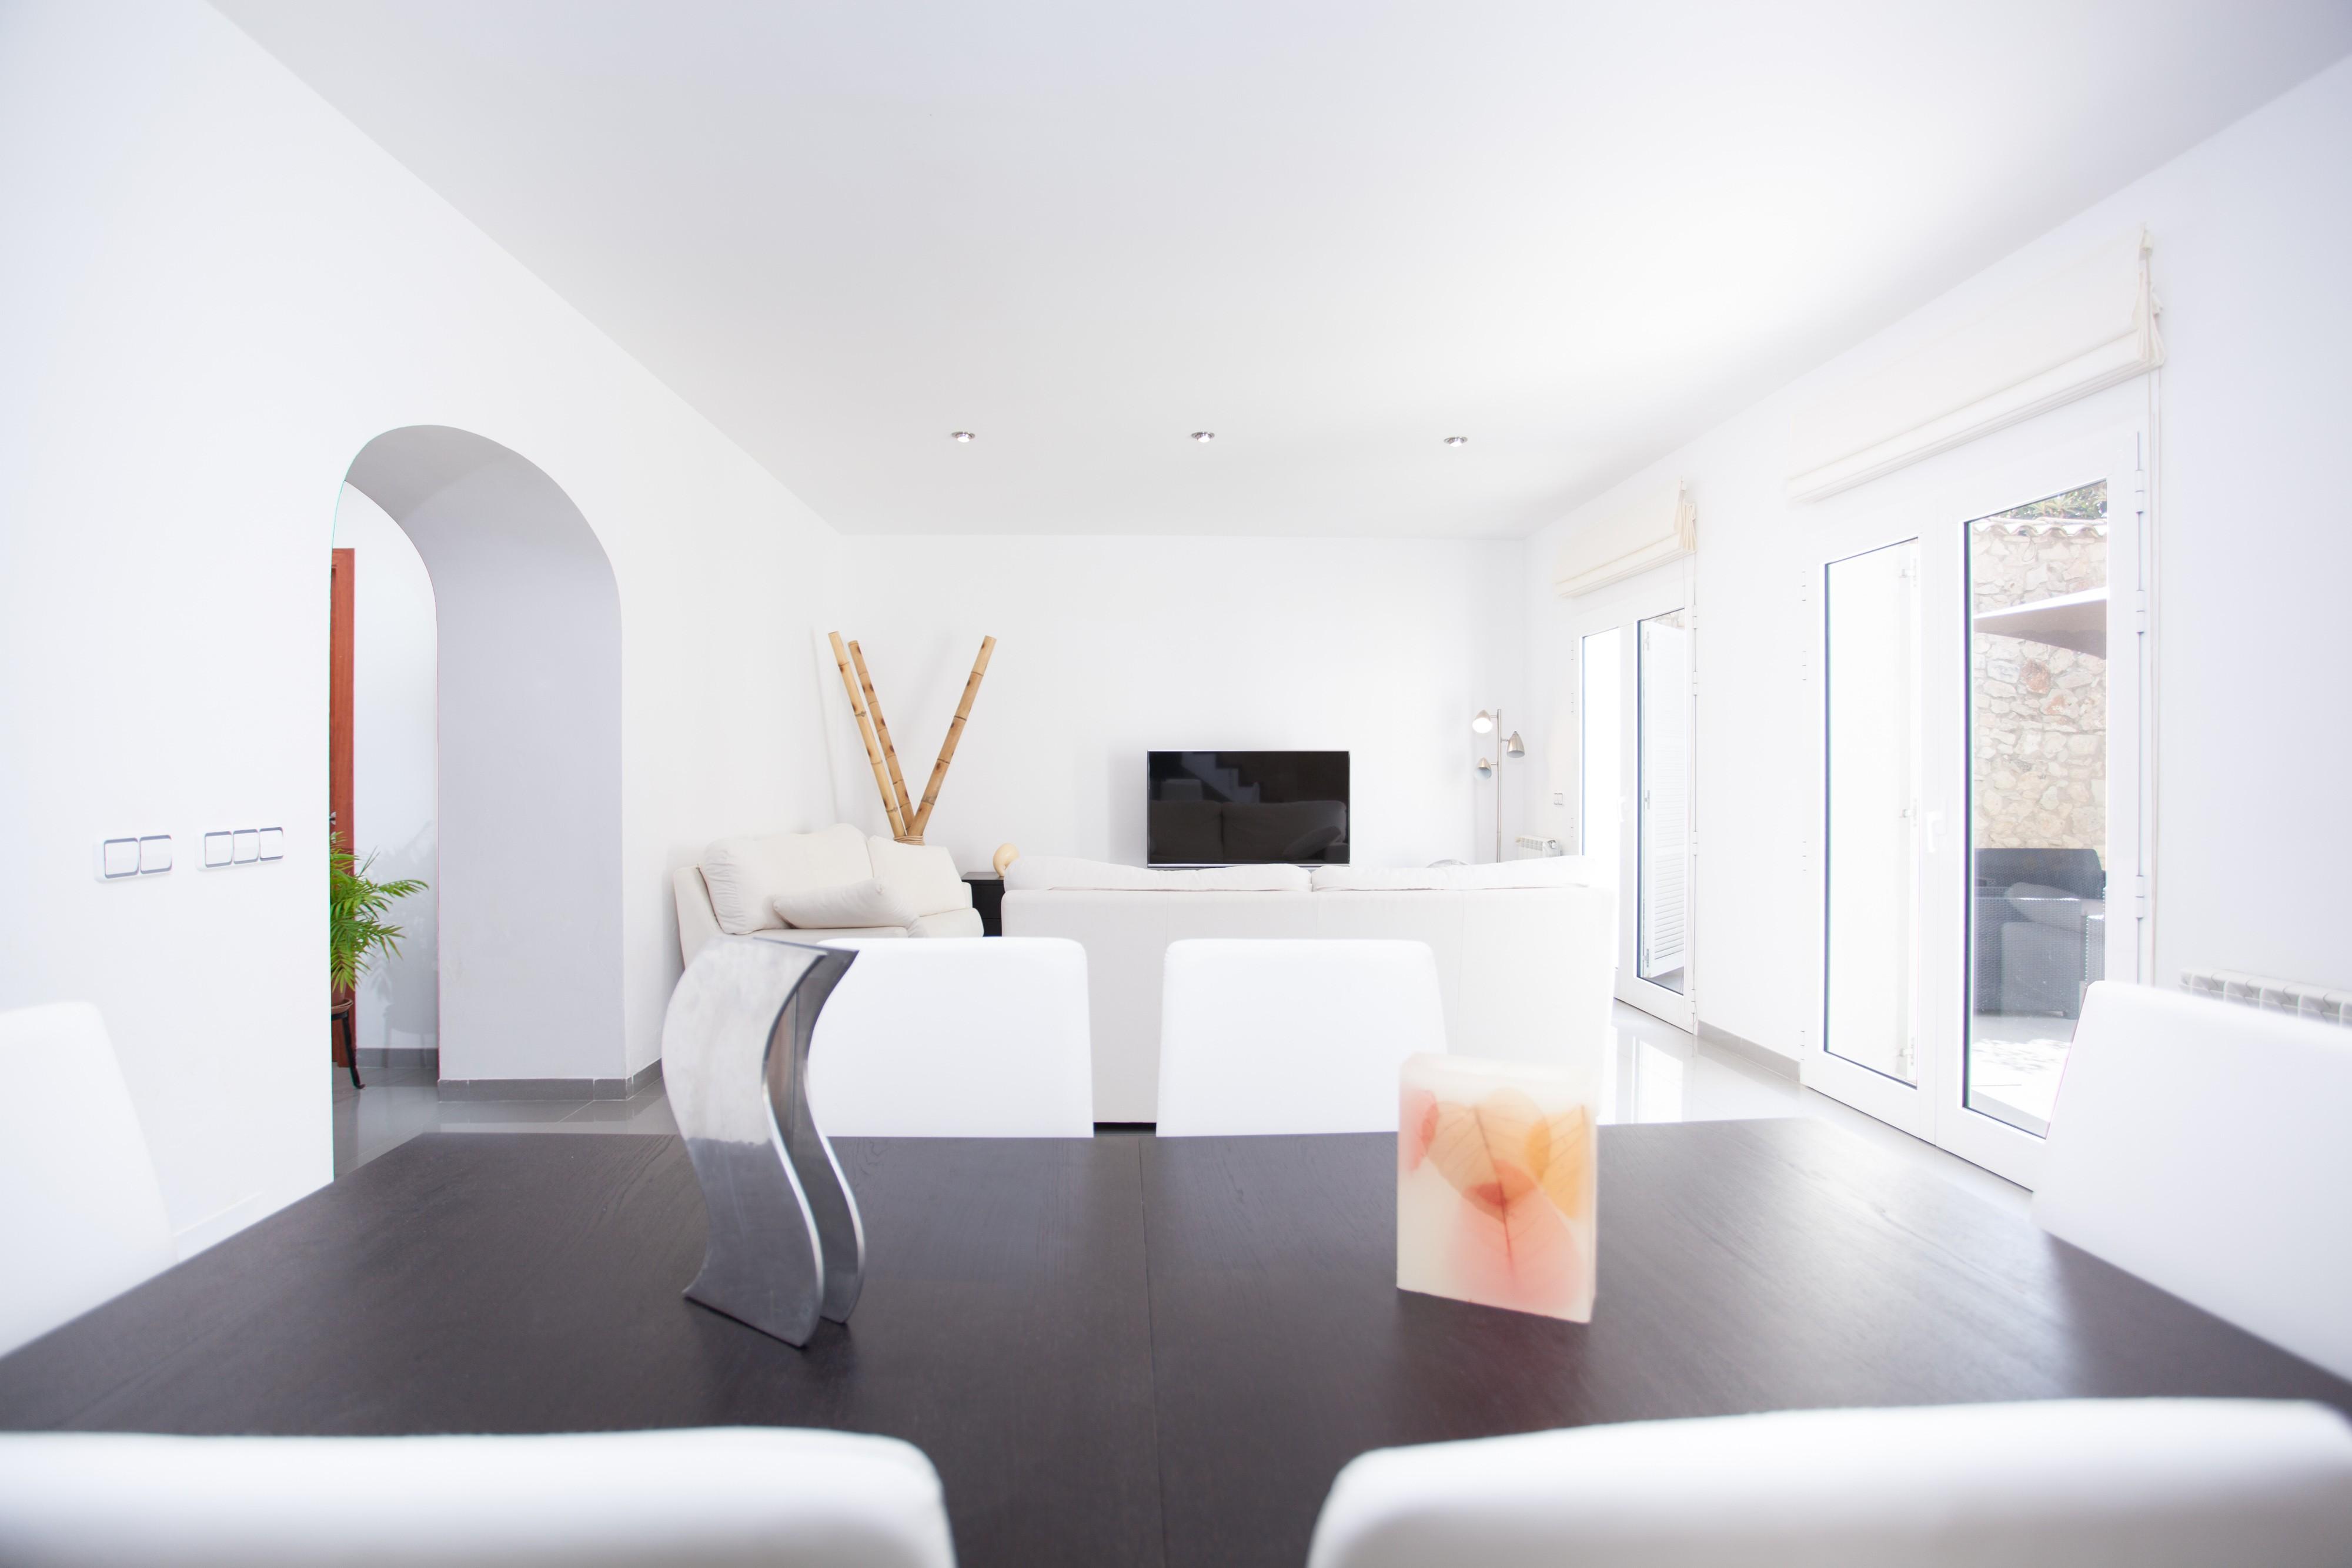 Maison de vacances CAN DOMINGO (2246405), Lloret de Vistalegre, Majorque, Iles Baléares, Espagne, image 4